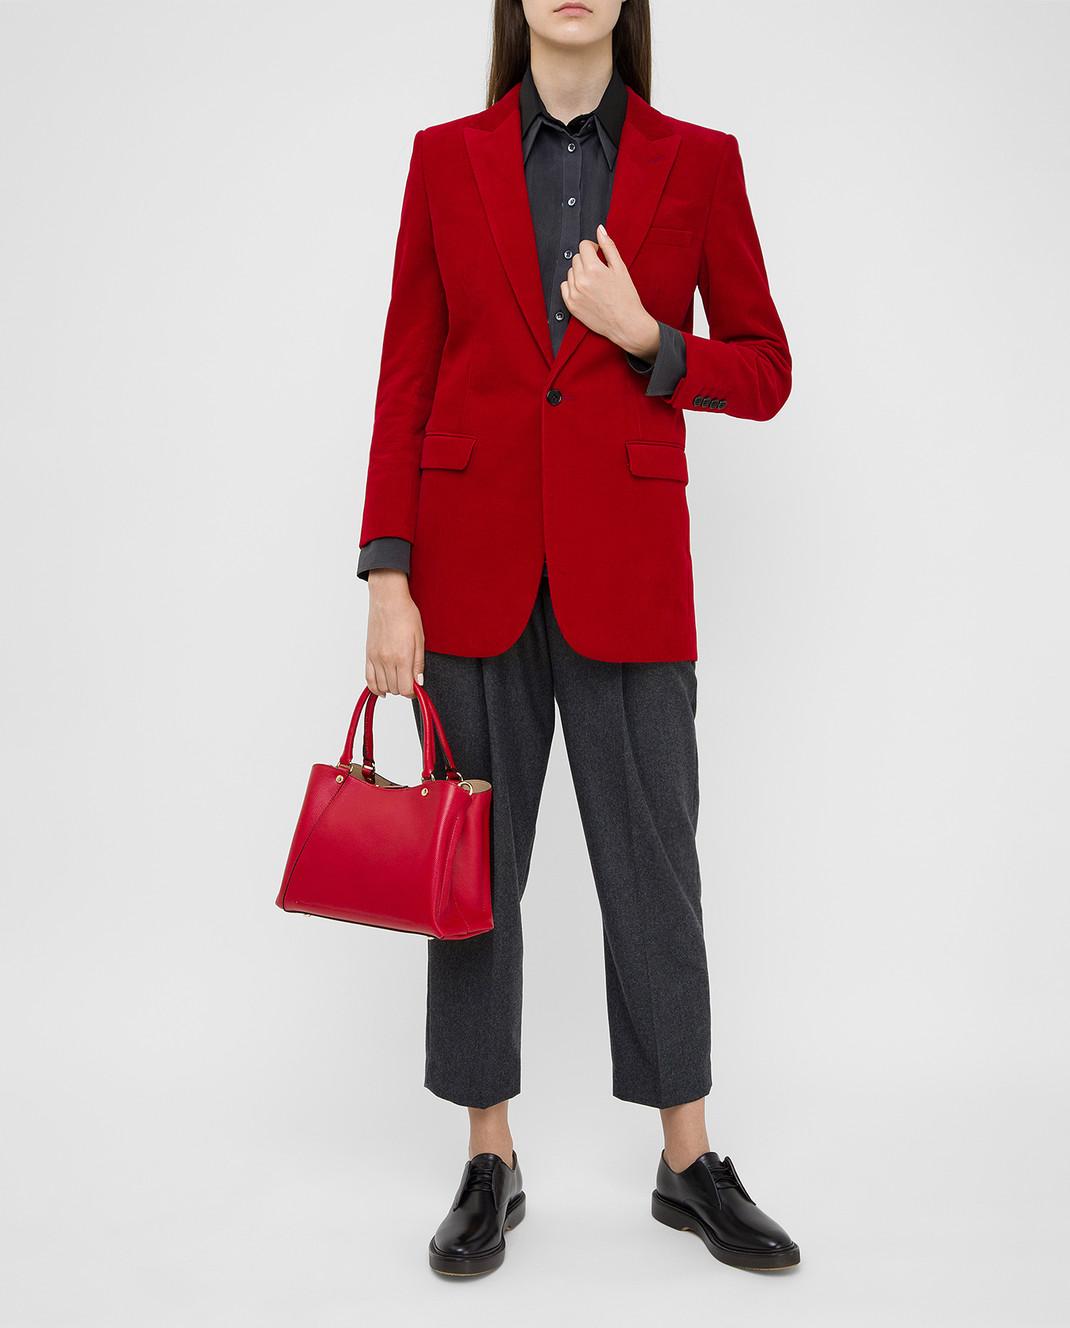 Gianni Notaro Красная кожаная сумка изображение 2